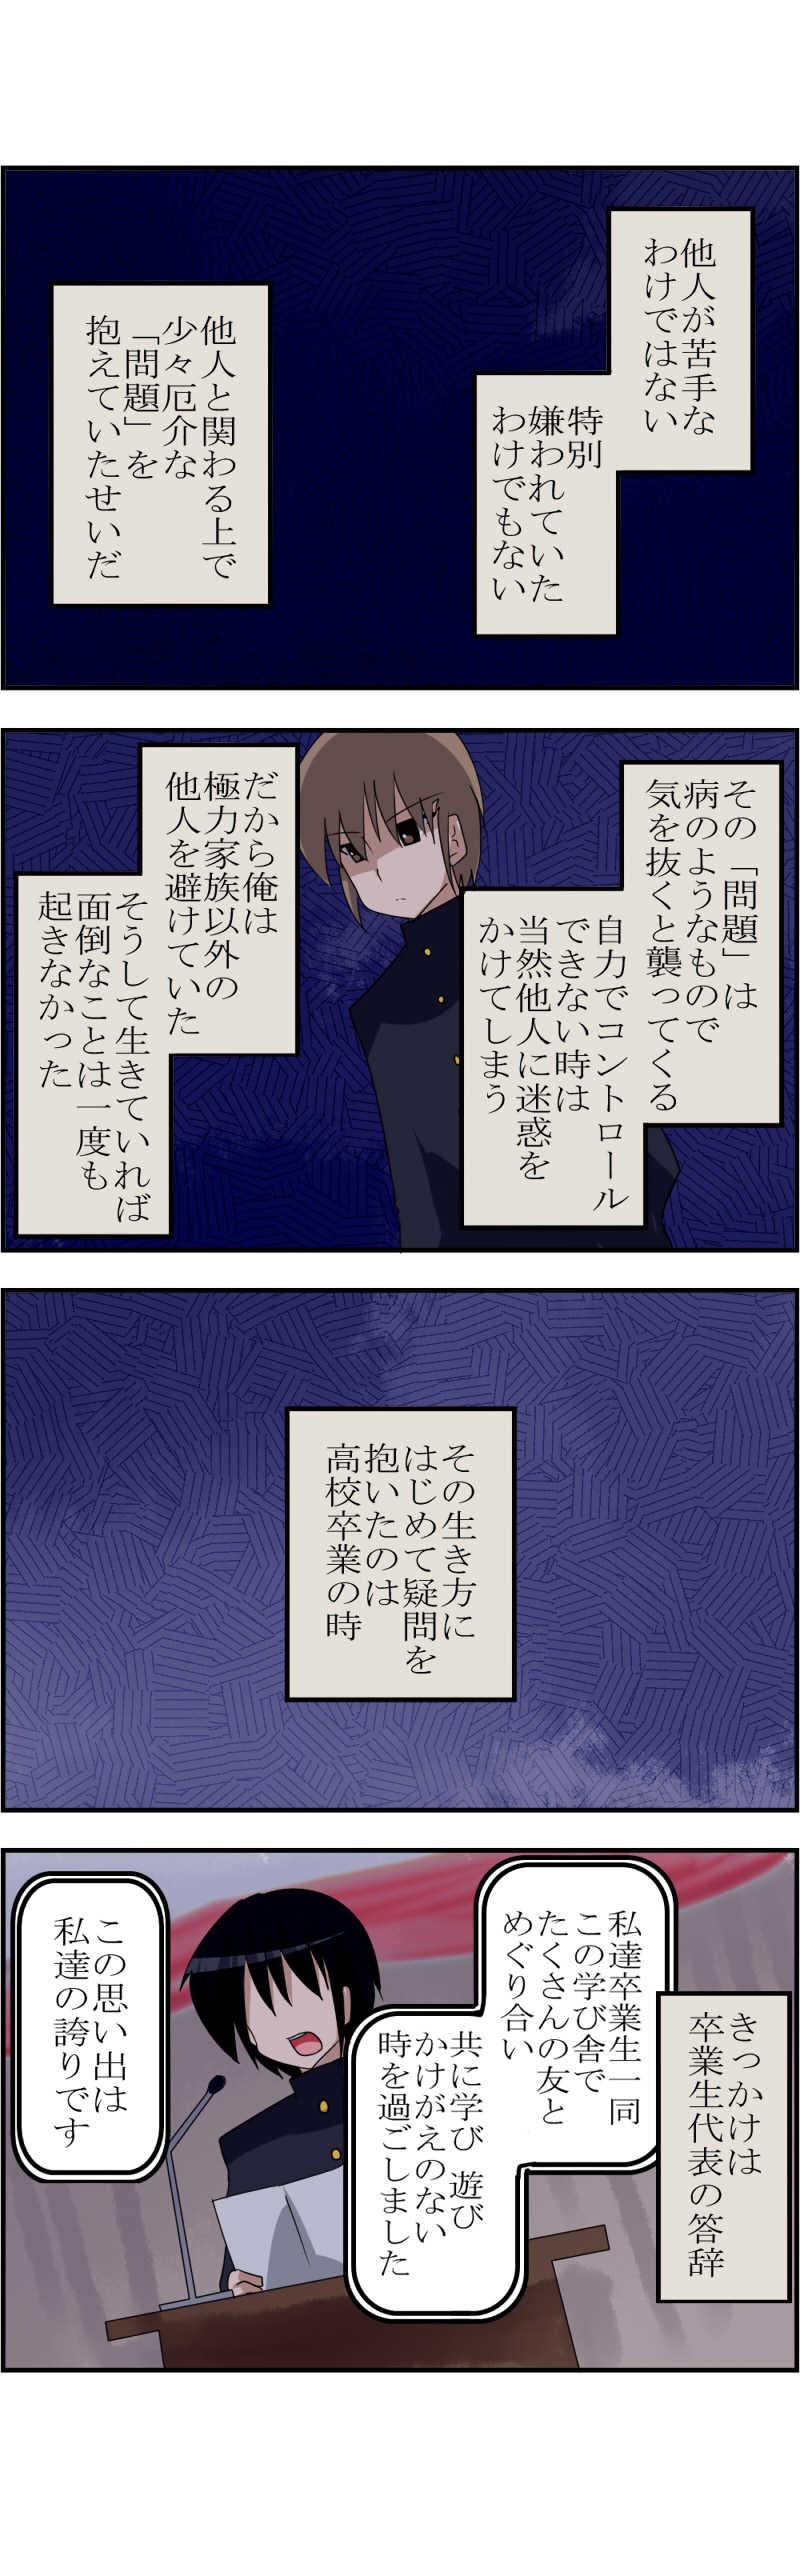 第12話 雨のち煙②